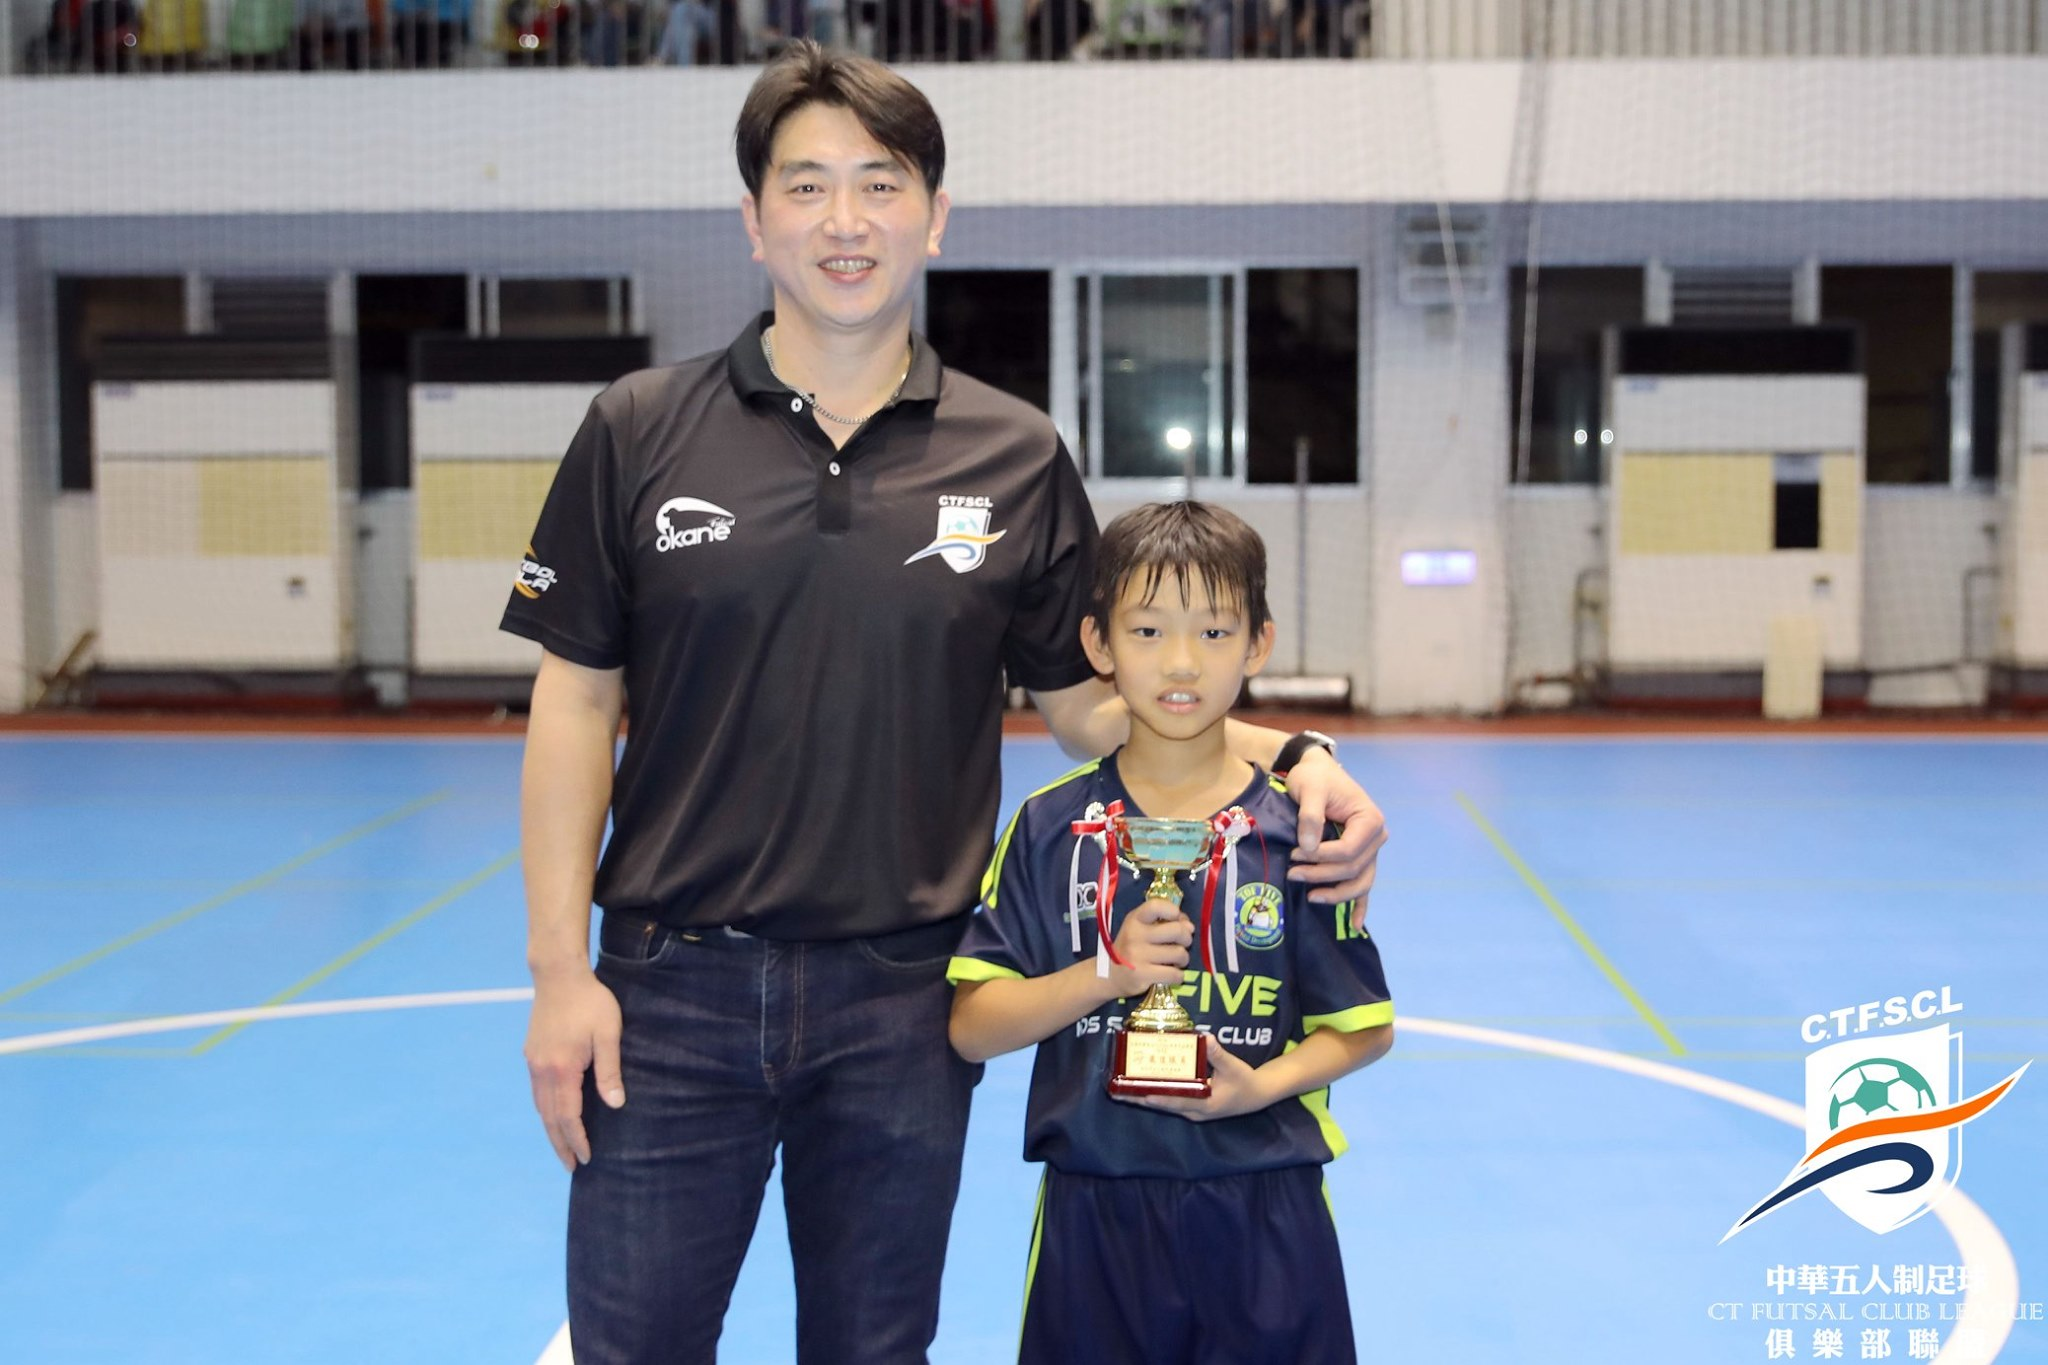 2019中華五人制足球聯盟-U12最佳球員/銅靴-杜秉閎